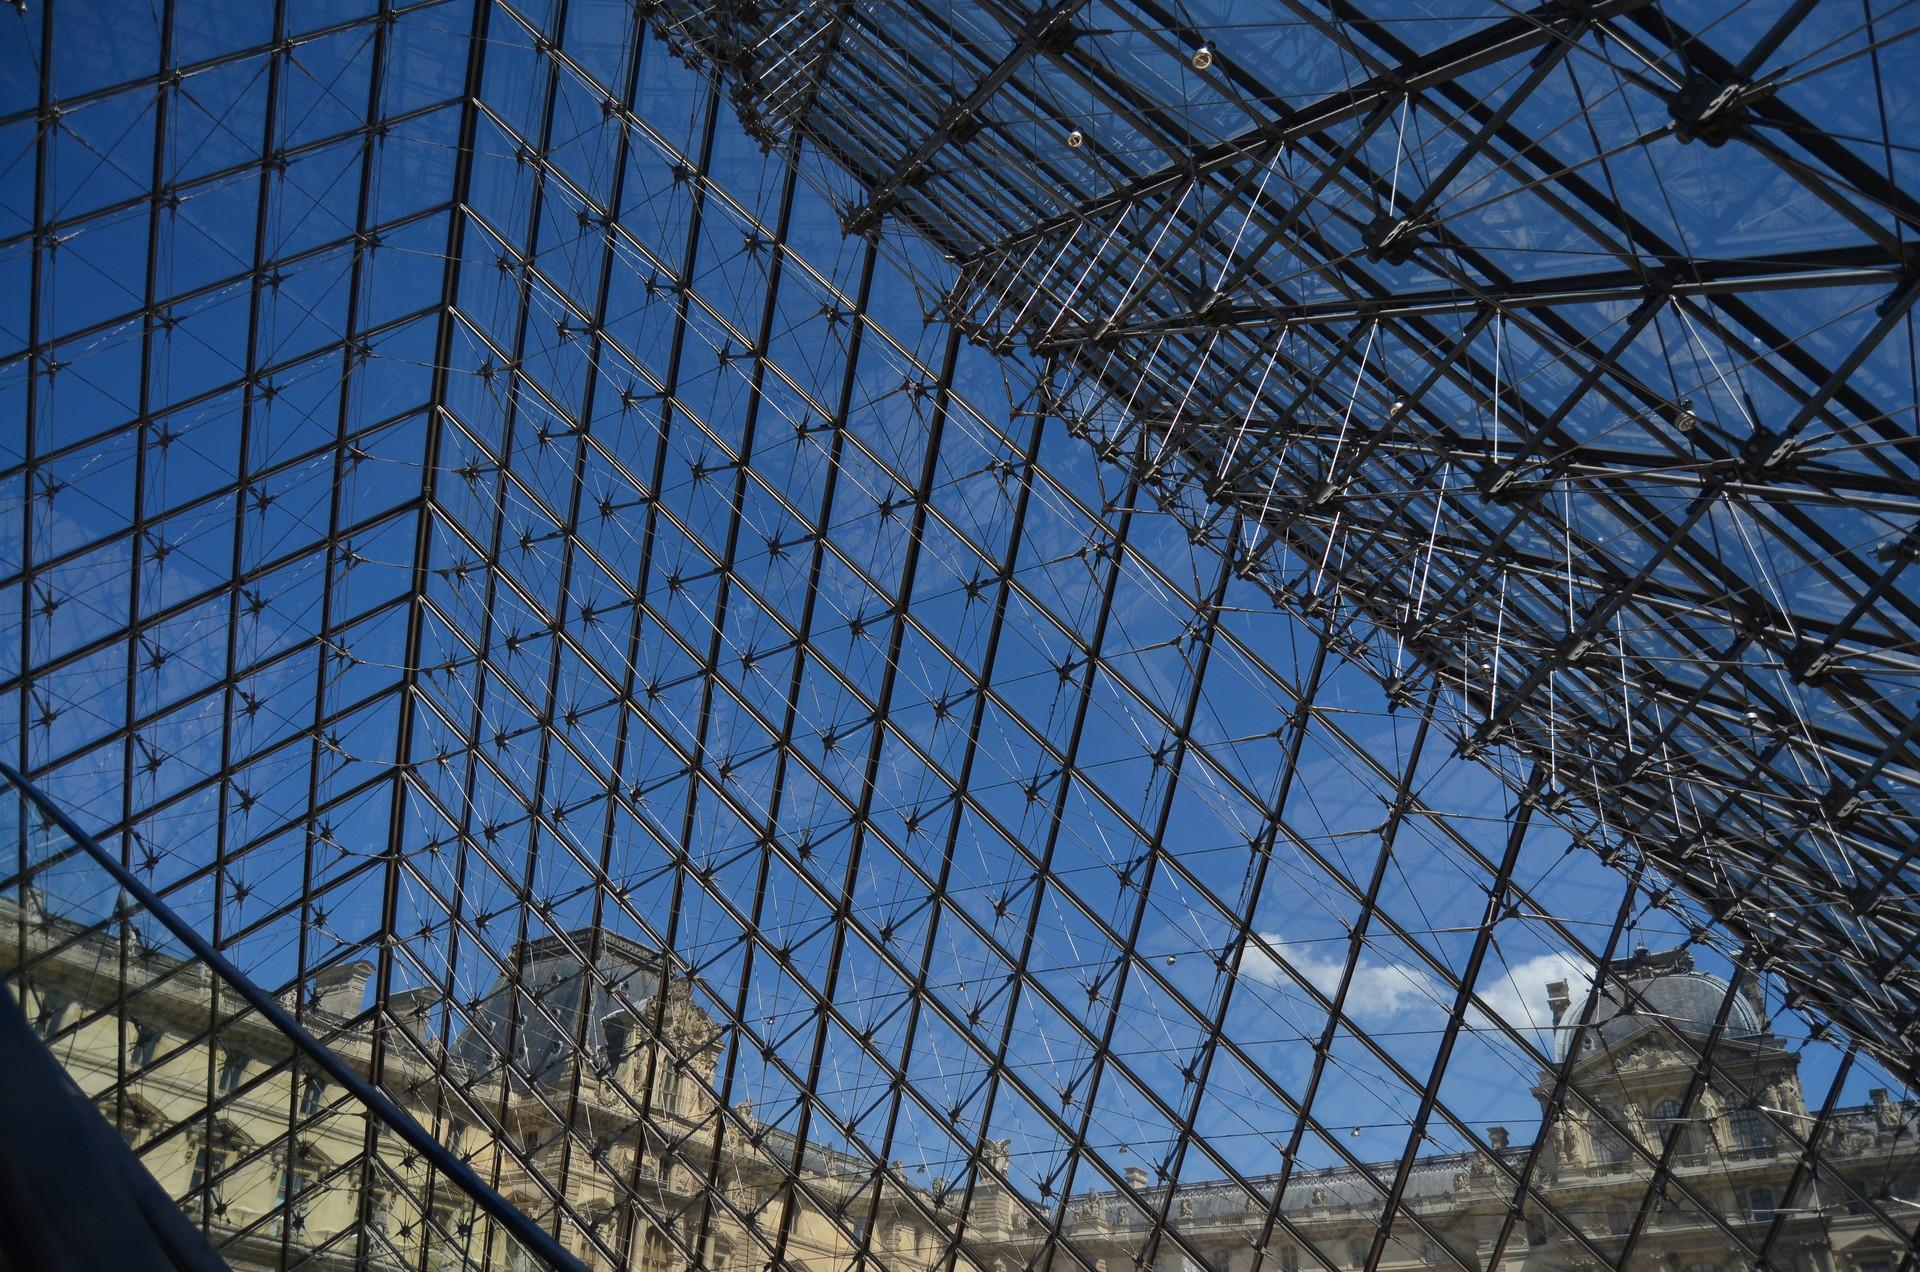 big-museum-lot-f982cf13cbe7b35da4a6b8229